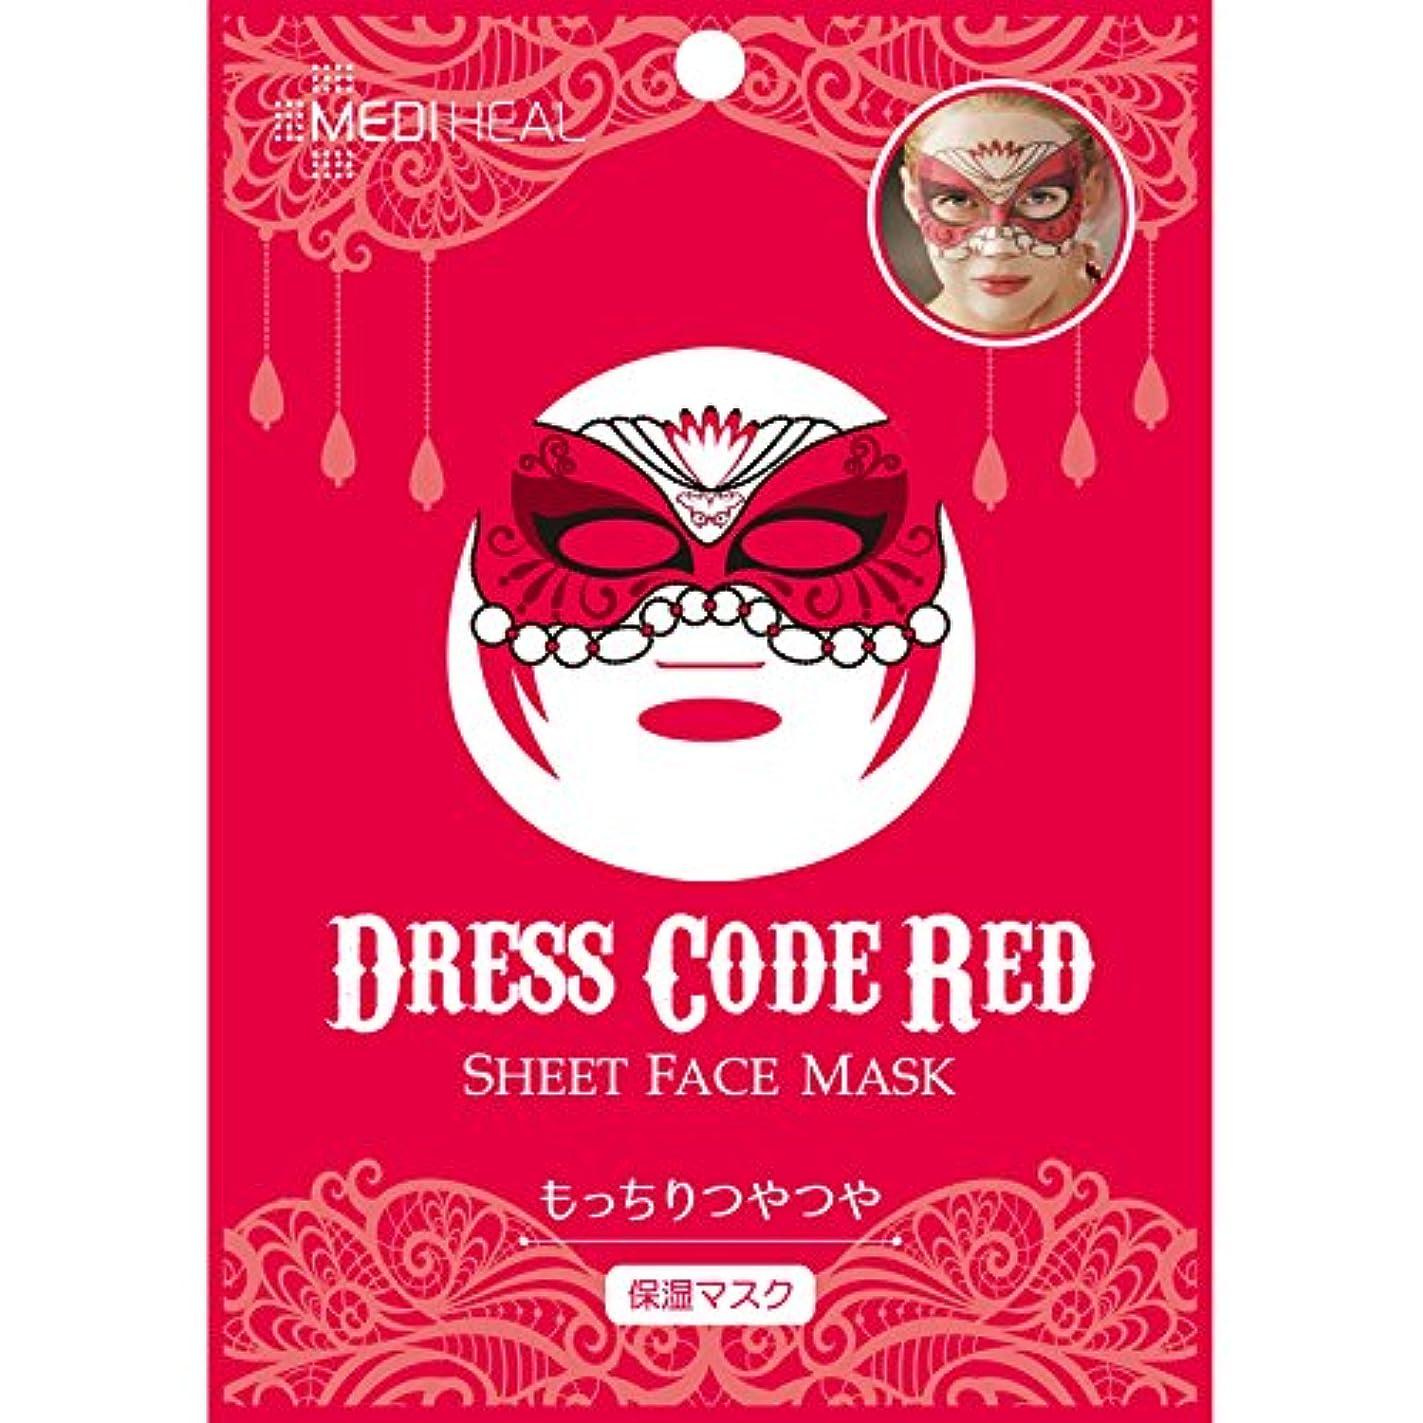 同行疫病ホバーメディヒル フェイスマスク ドレスコードレッド (27ML/1シート)